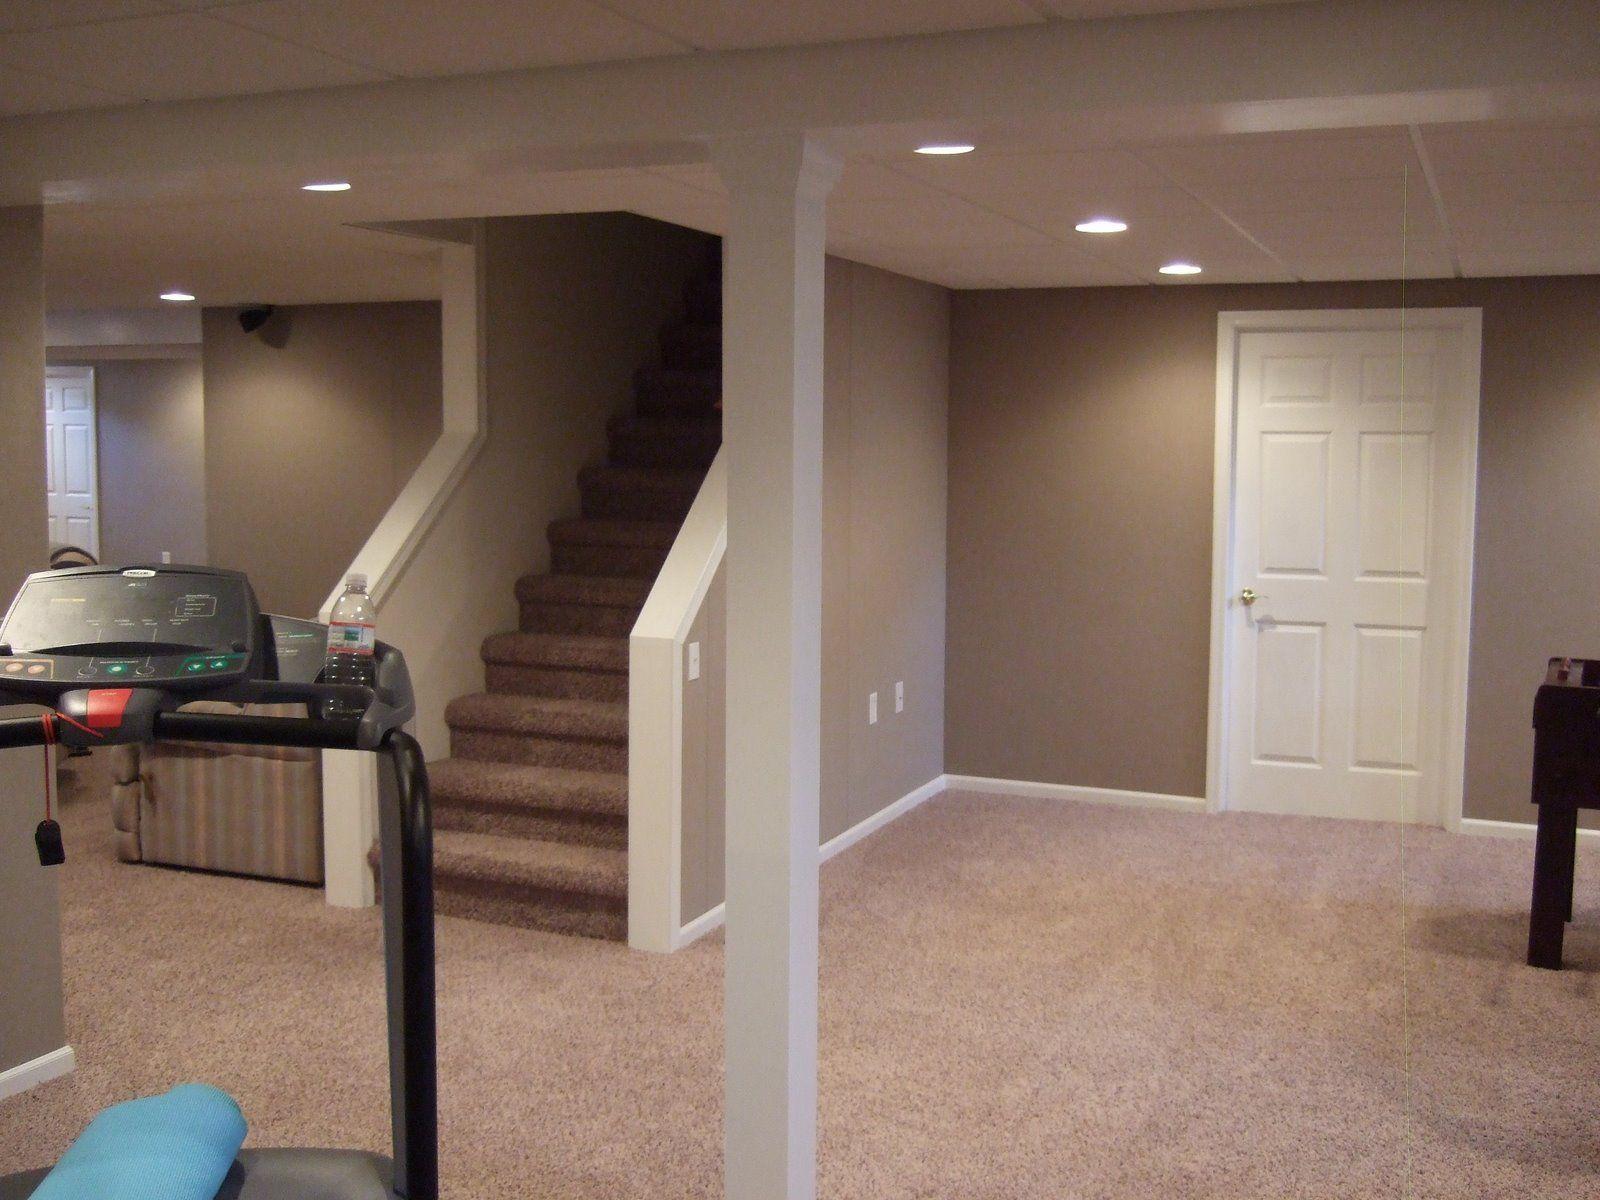 Finished Basement Ideas | finished basement plans ideas | Minimalist Sweet Home & Finished Basement Ideas | finished basement plans ideas | Minimalist ...